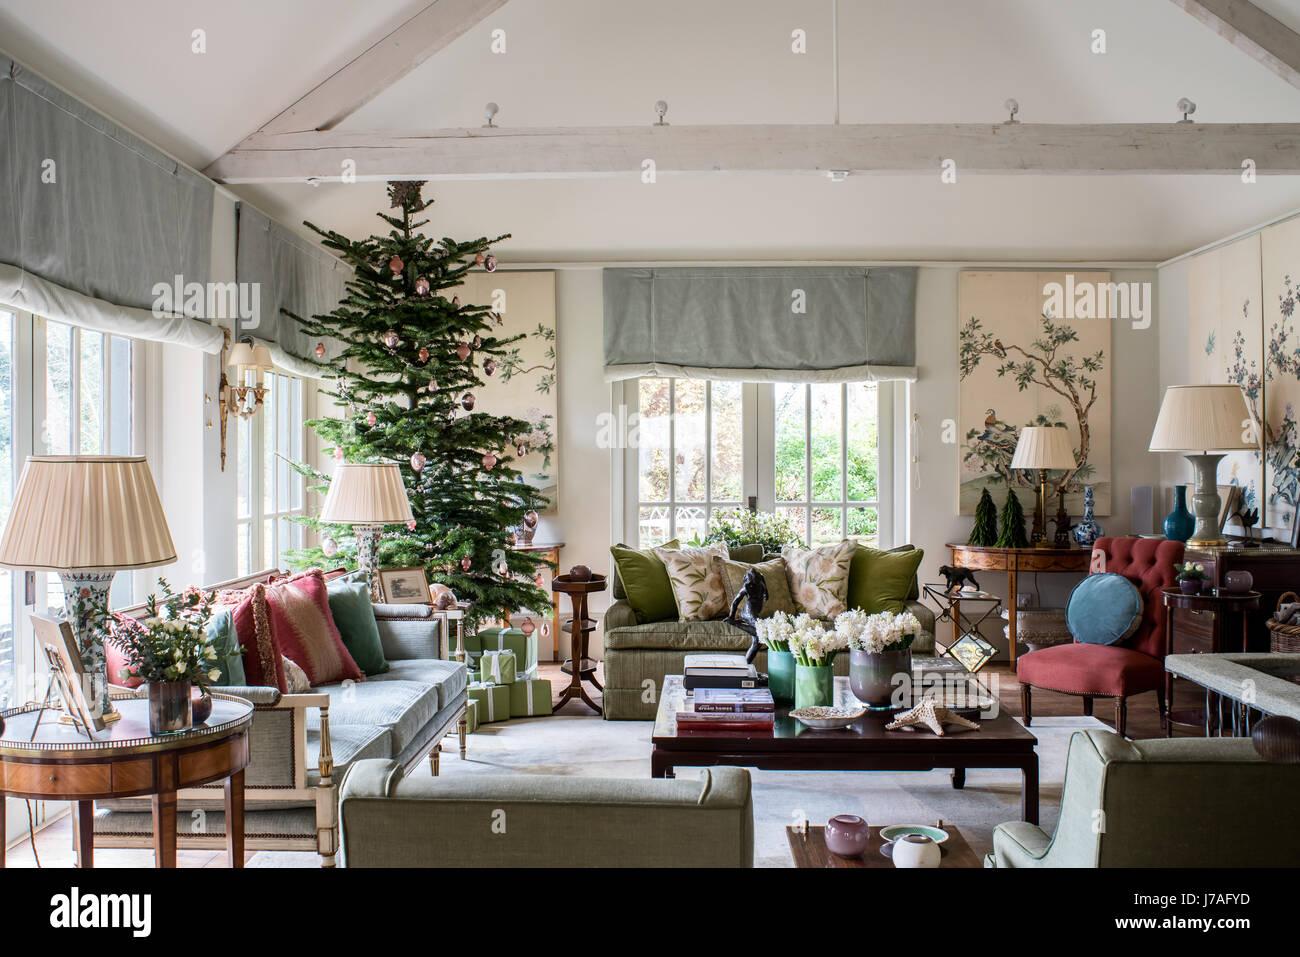 Baum im wohnzimmer deko baum aus holz f r wohnzimmer with baum im wohnzimmer wmshpeds foto - Baum fur wohnzimmer ...